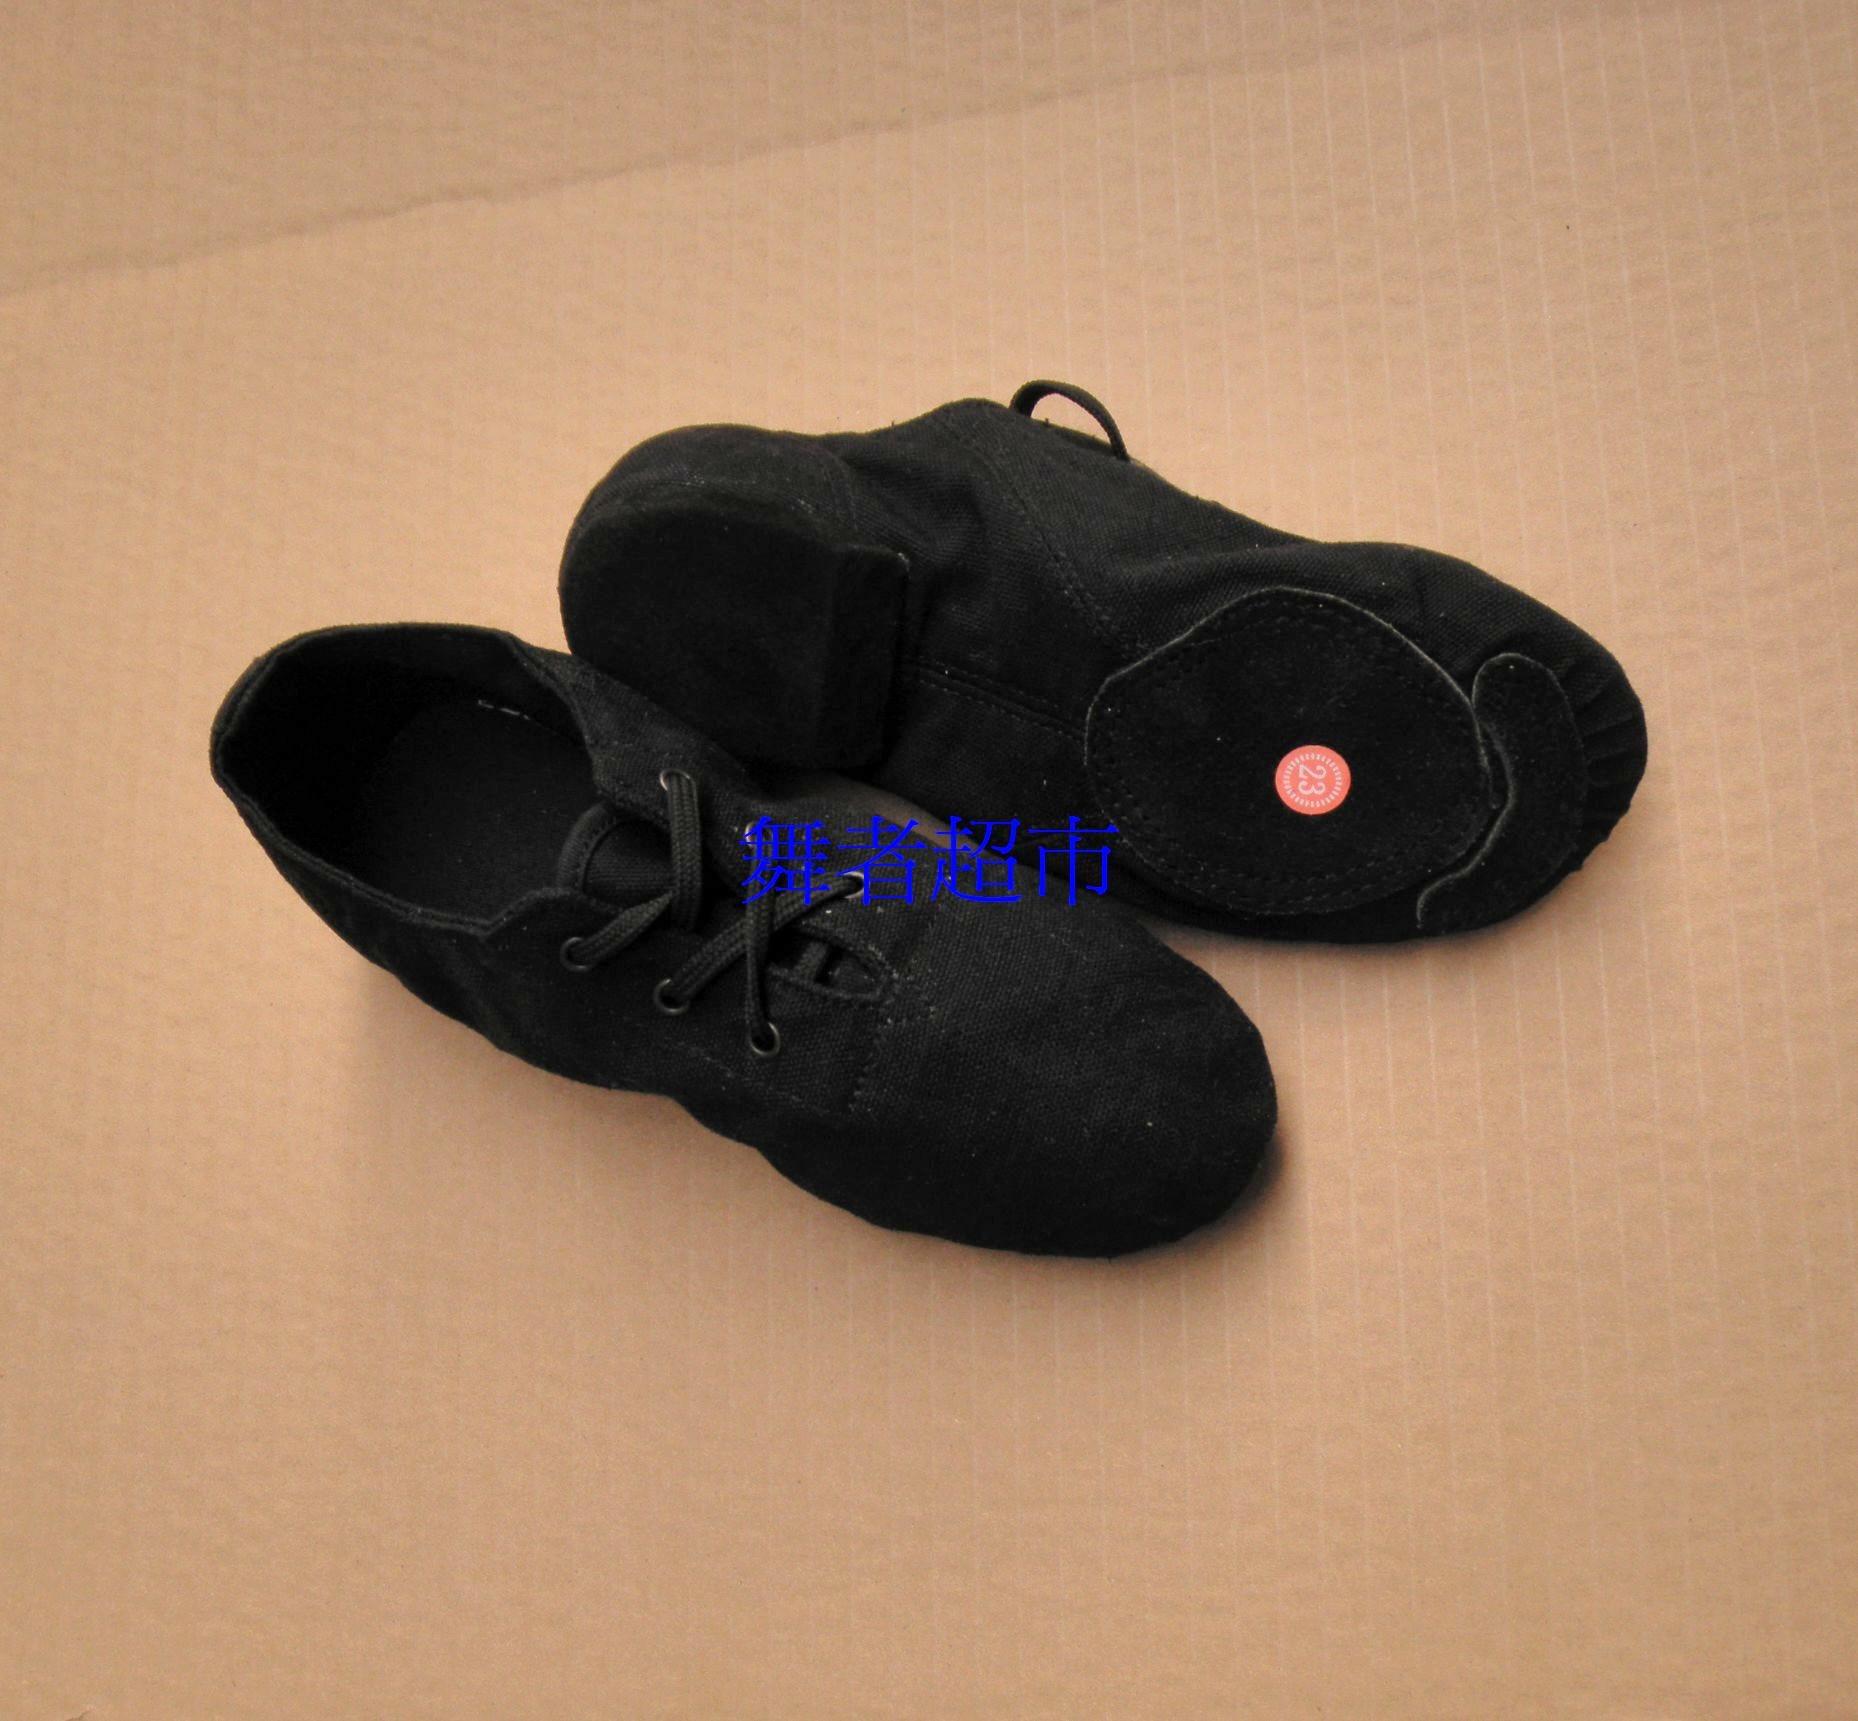 Холст поверхность сэр обувной танец обувной практика гонг обувной кожа сэр обувной качели цена товара